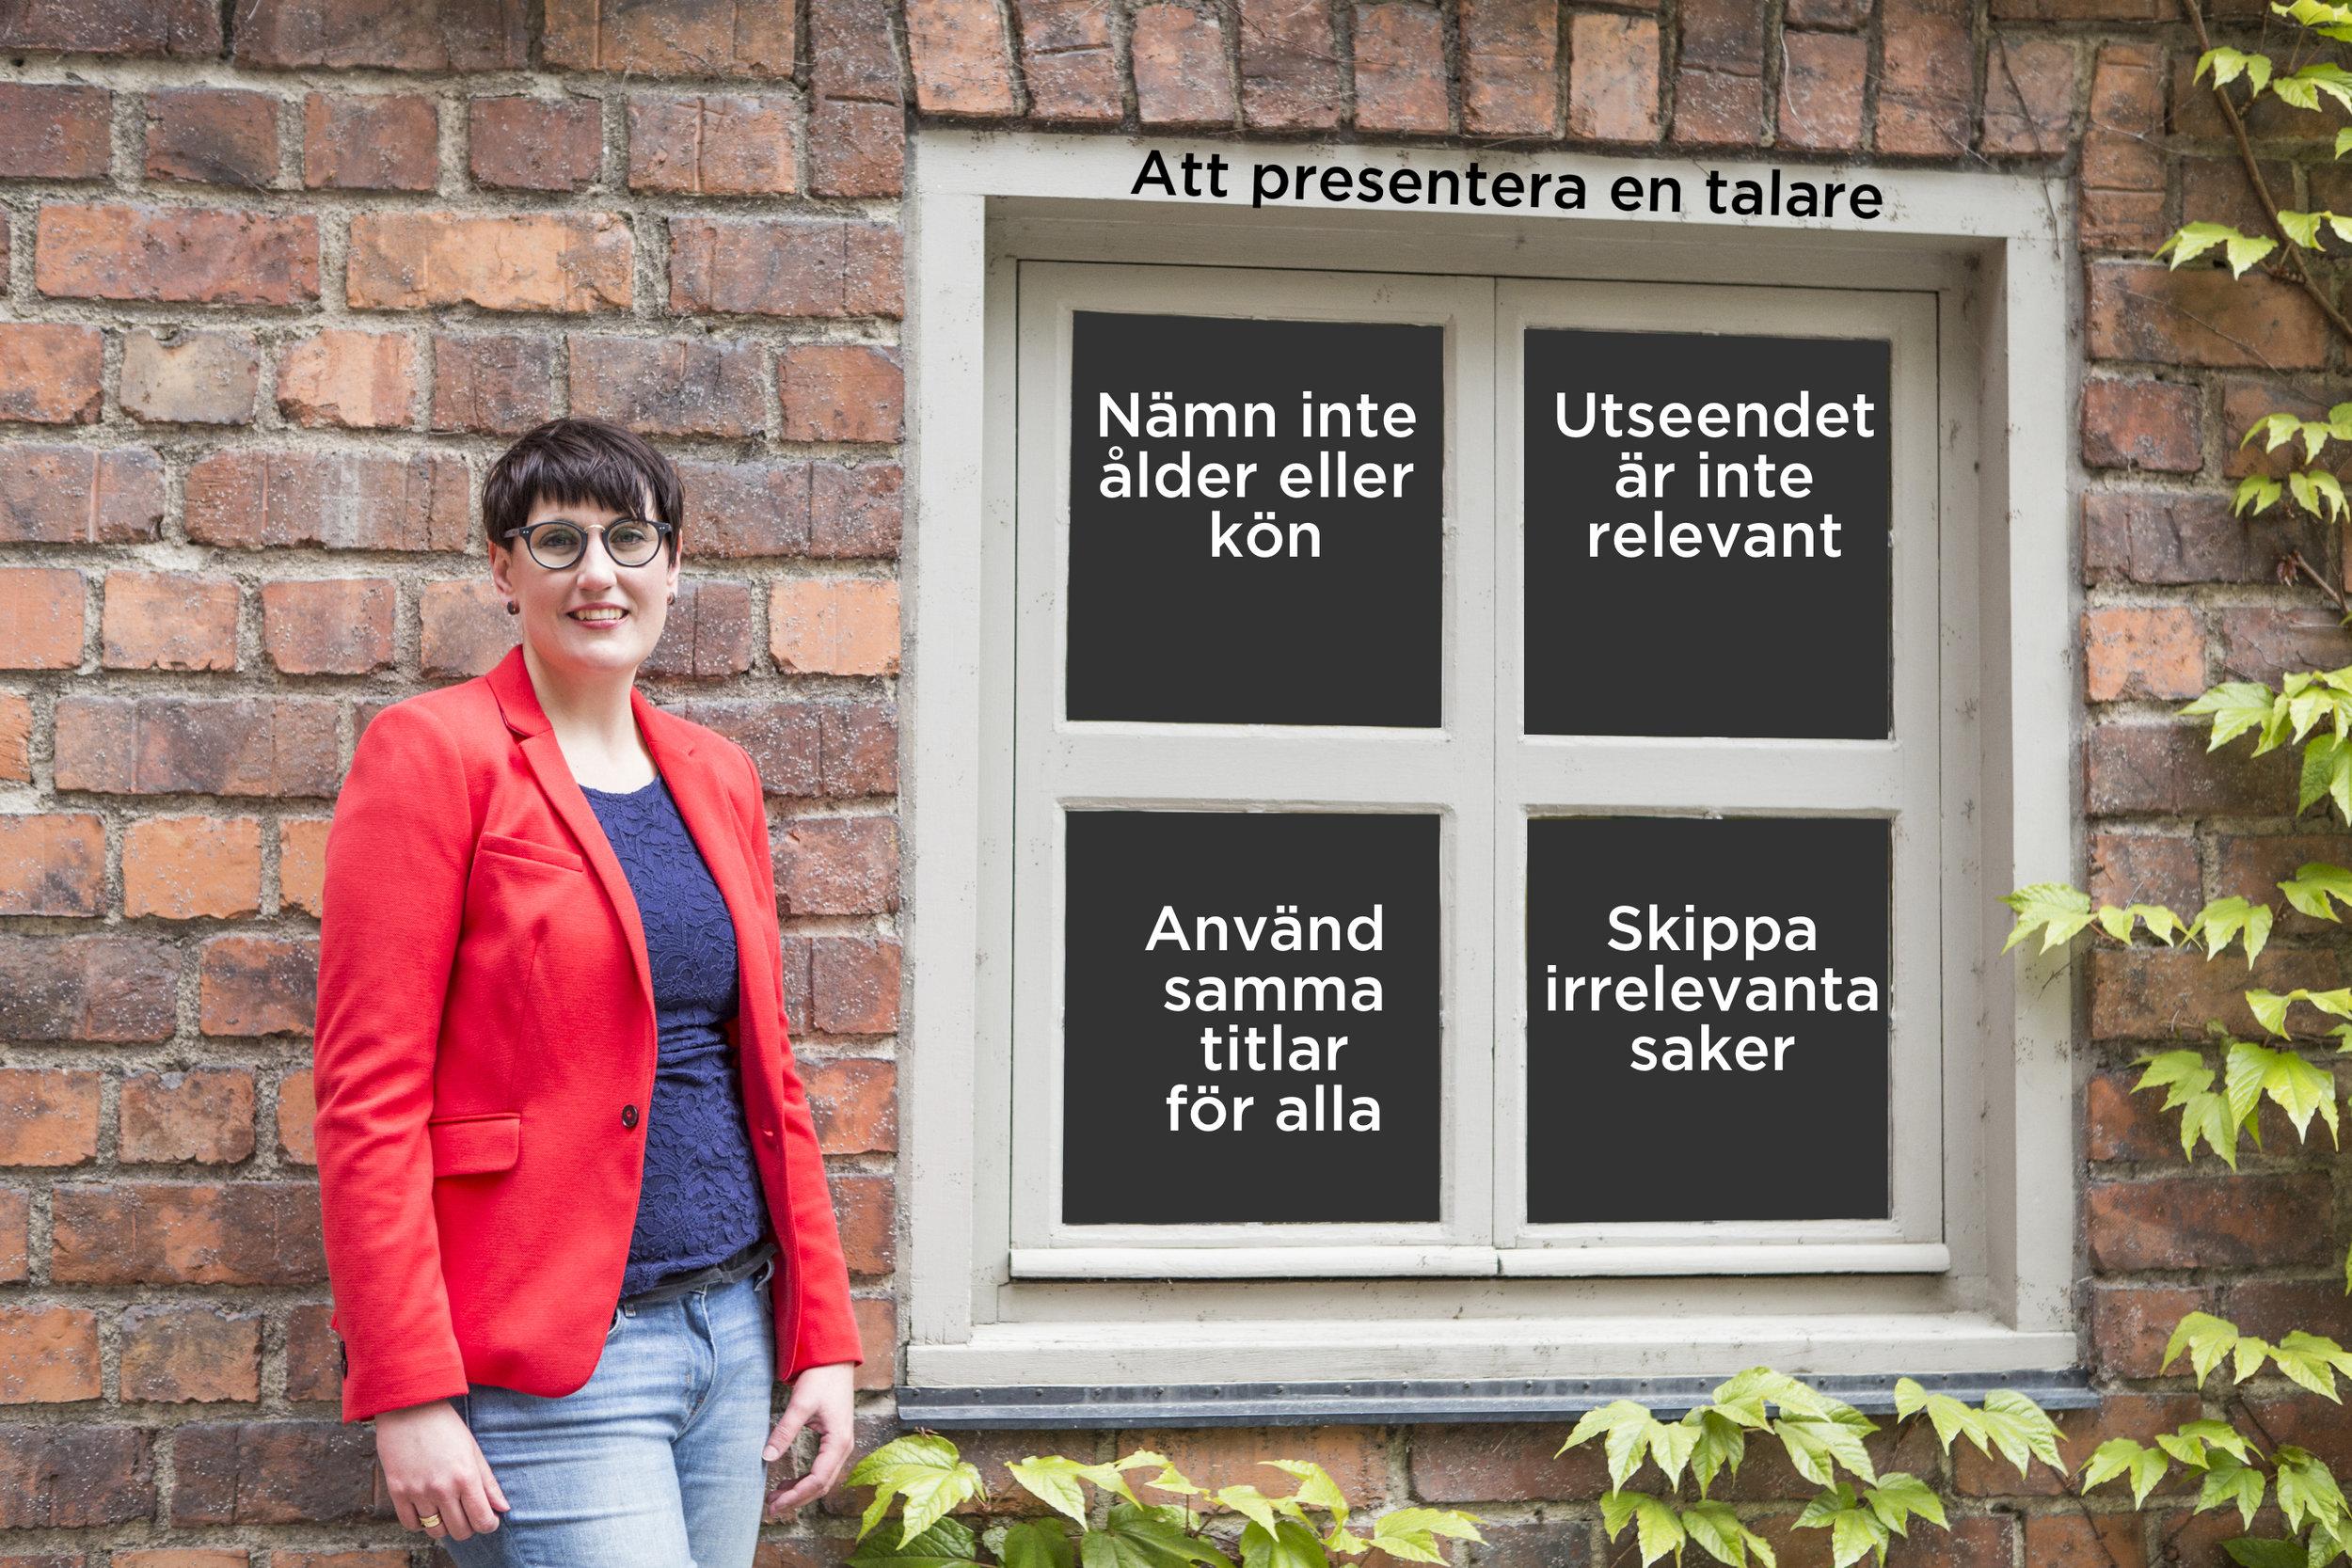 Åsa Gustafsson framför Fönster med texten: Att presentera en talare. nämn inte ålder eller kön, Utseende är inte relevant, använd samma titlar för alla och skippa irrelevanta saker.